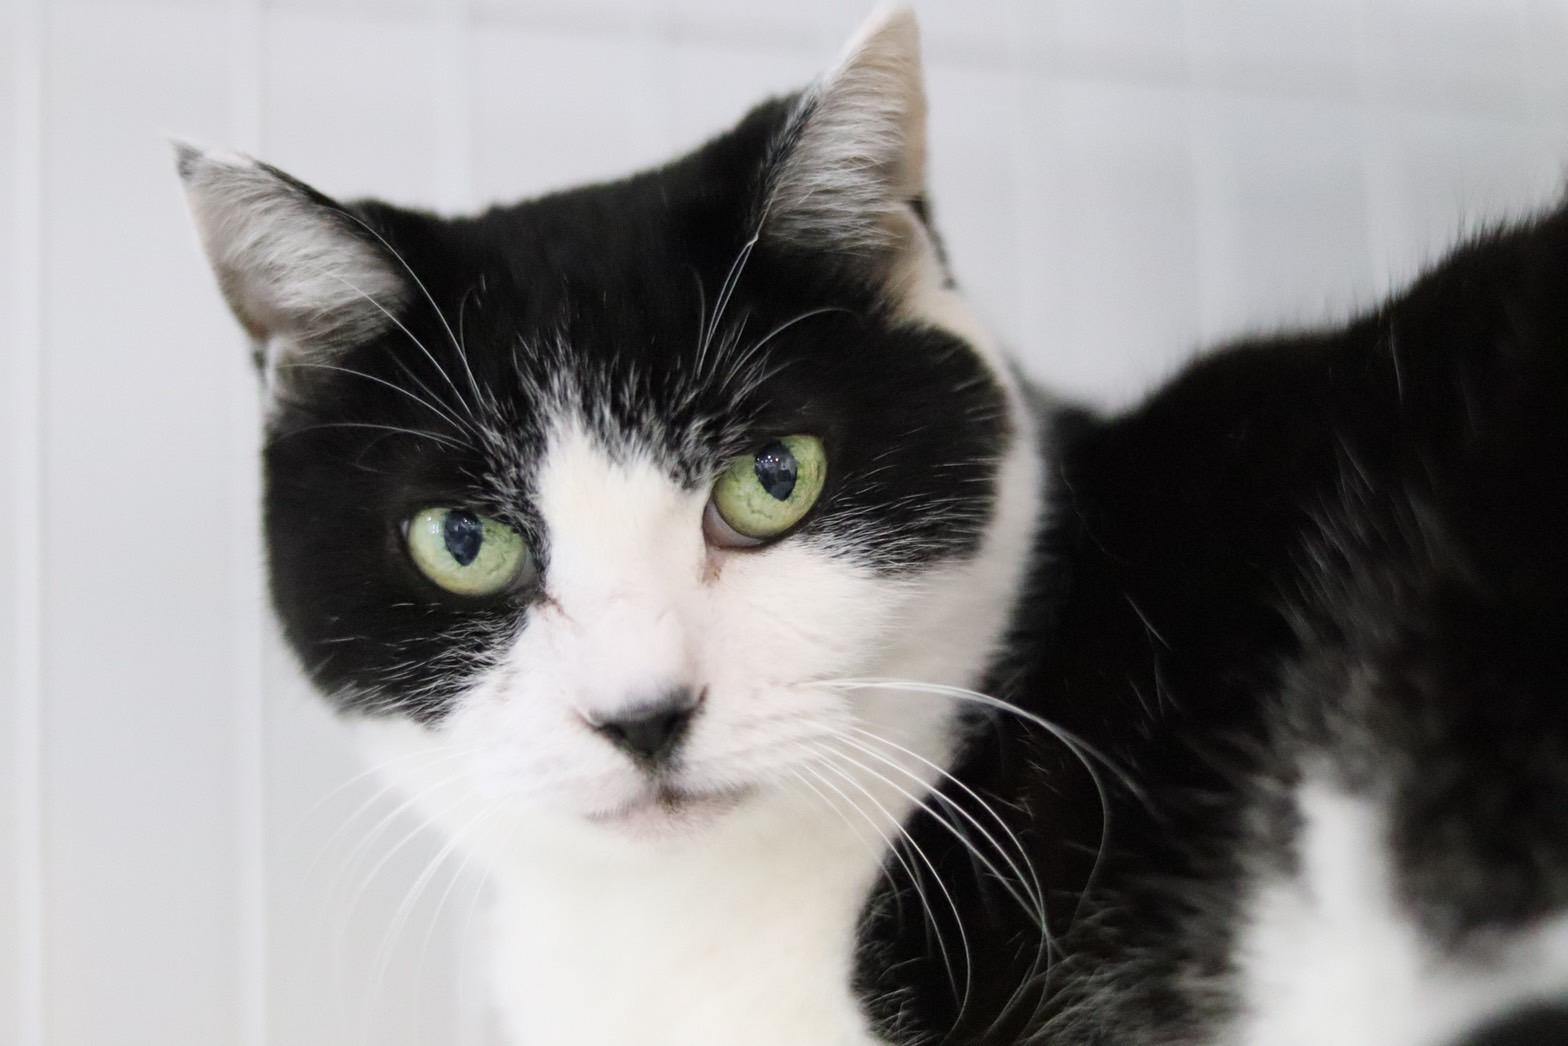 <ul> <li>猫種:日本猫</li> <li>名前(性別):チビ太(男の子)</li> <li>年齢:11歳くらい</li> <li>保護経緯:飼い主が老人ホームに入居し、親族も引き継いで飼うことが出来ない</li> </ul>